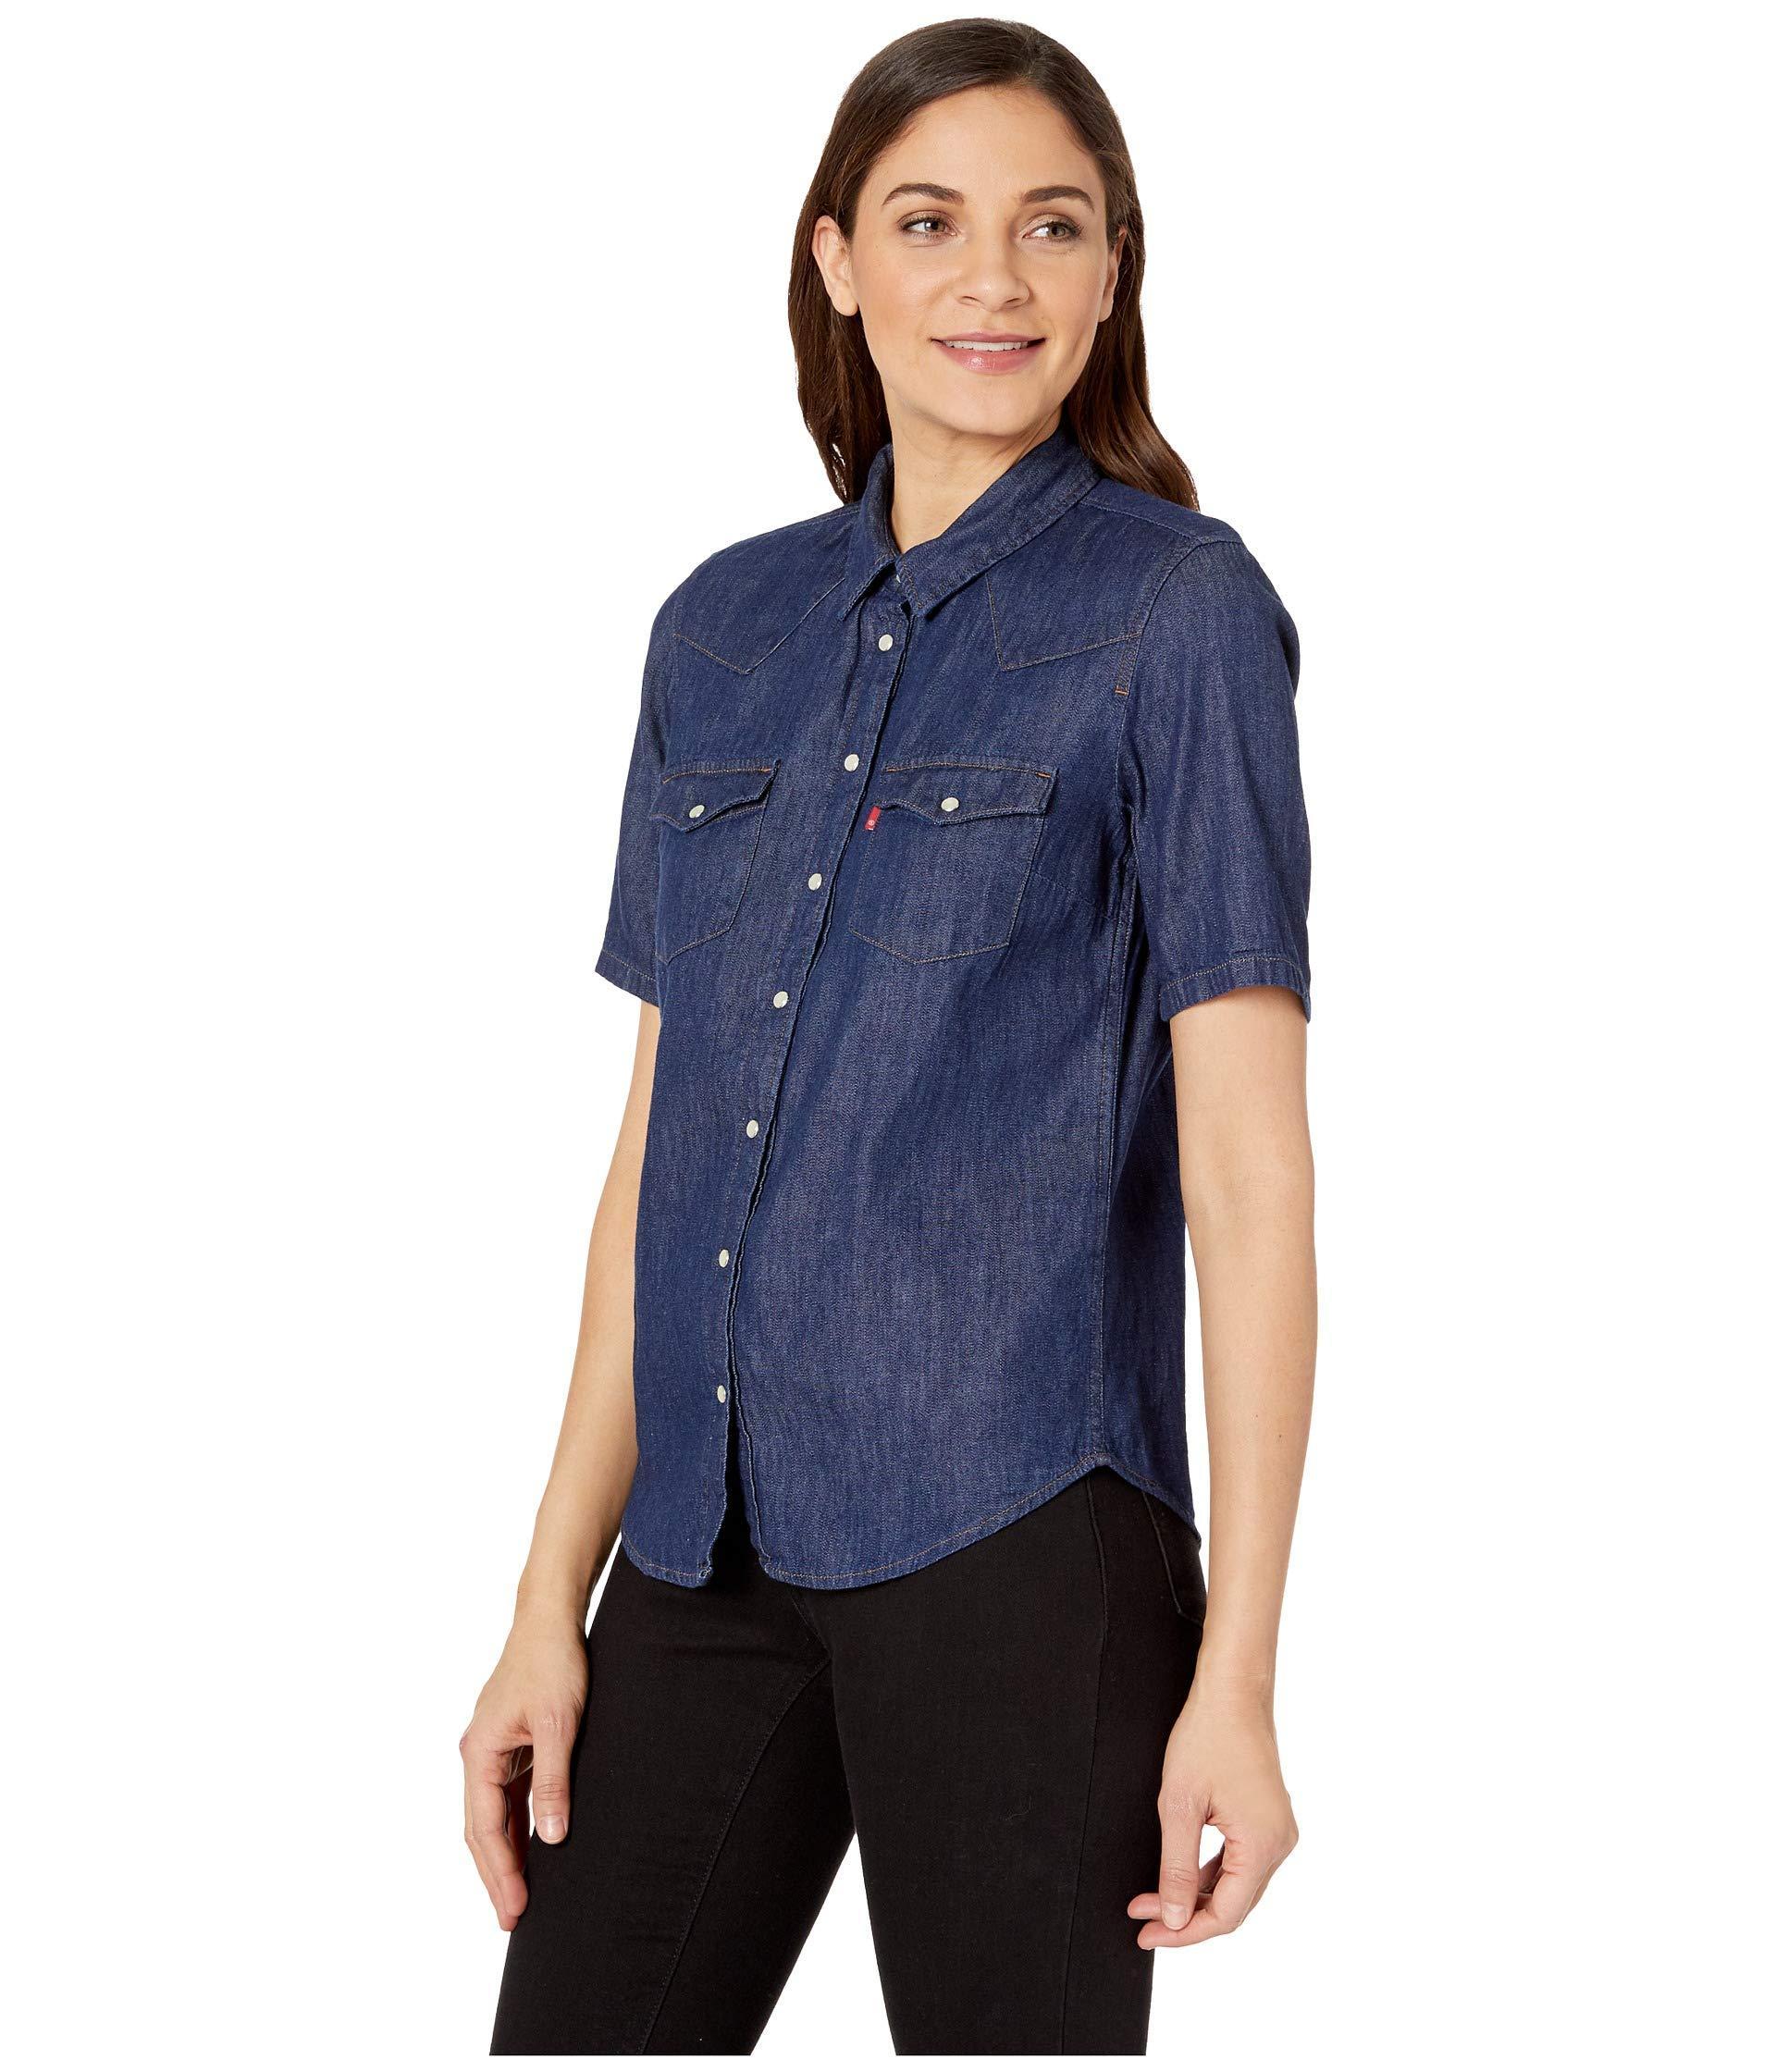 Womens Shirt Short Dreamworks Sleeve Western dCrxeBo